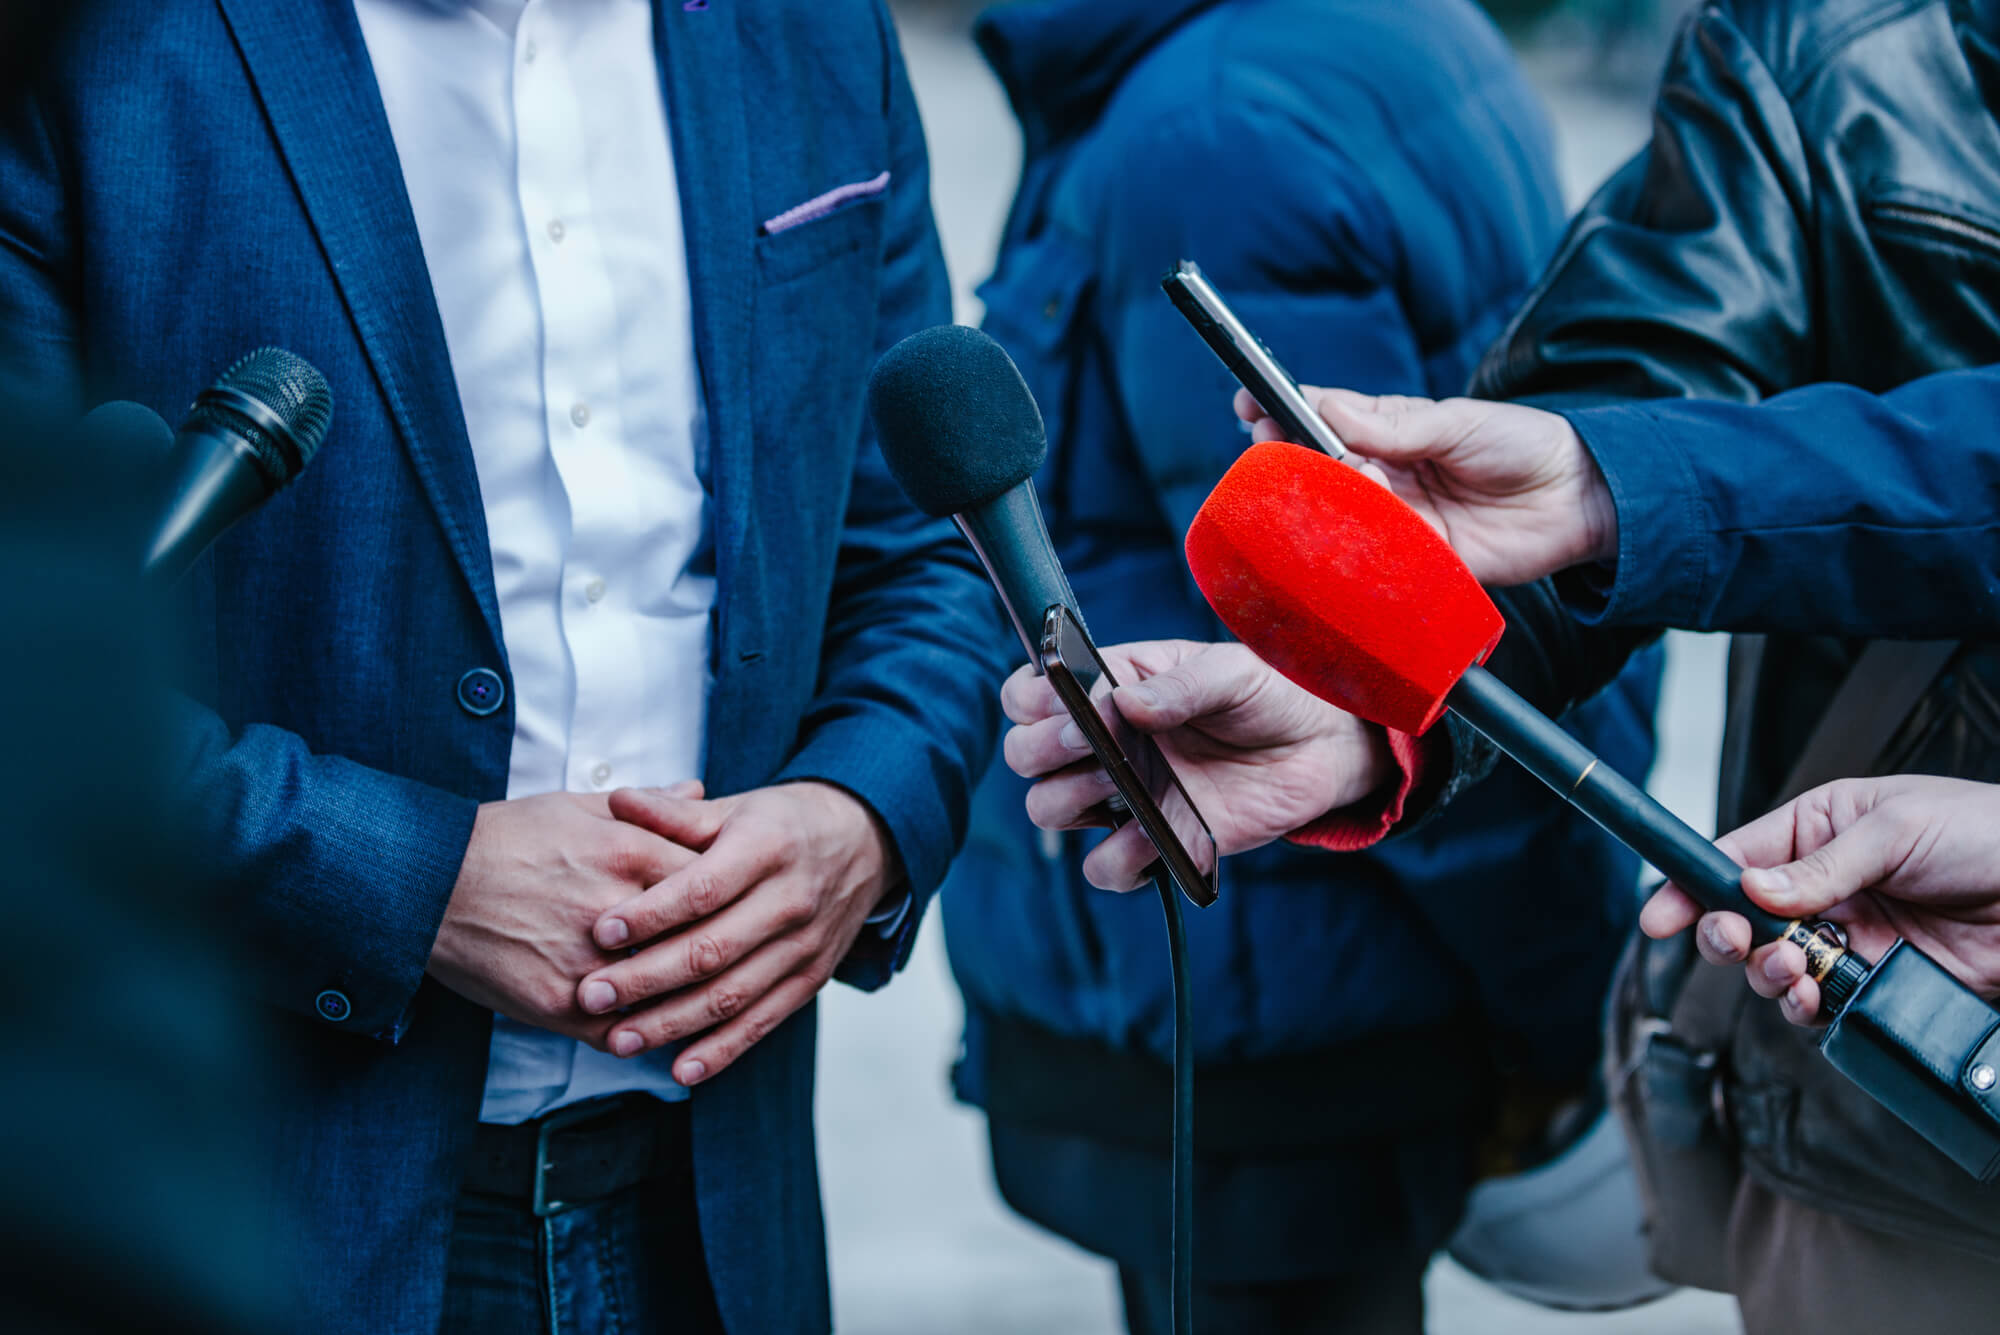 Ті, хто пояснює світ. Кого медіа вважають експертами?